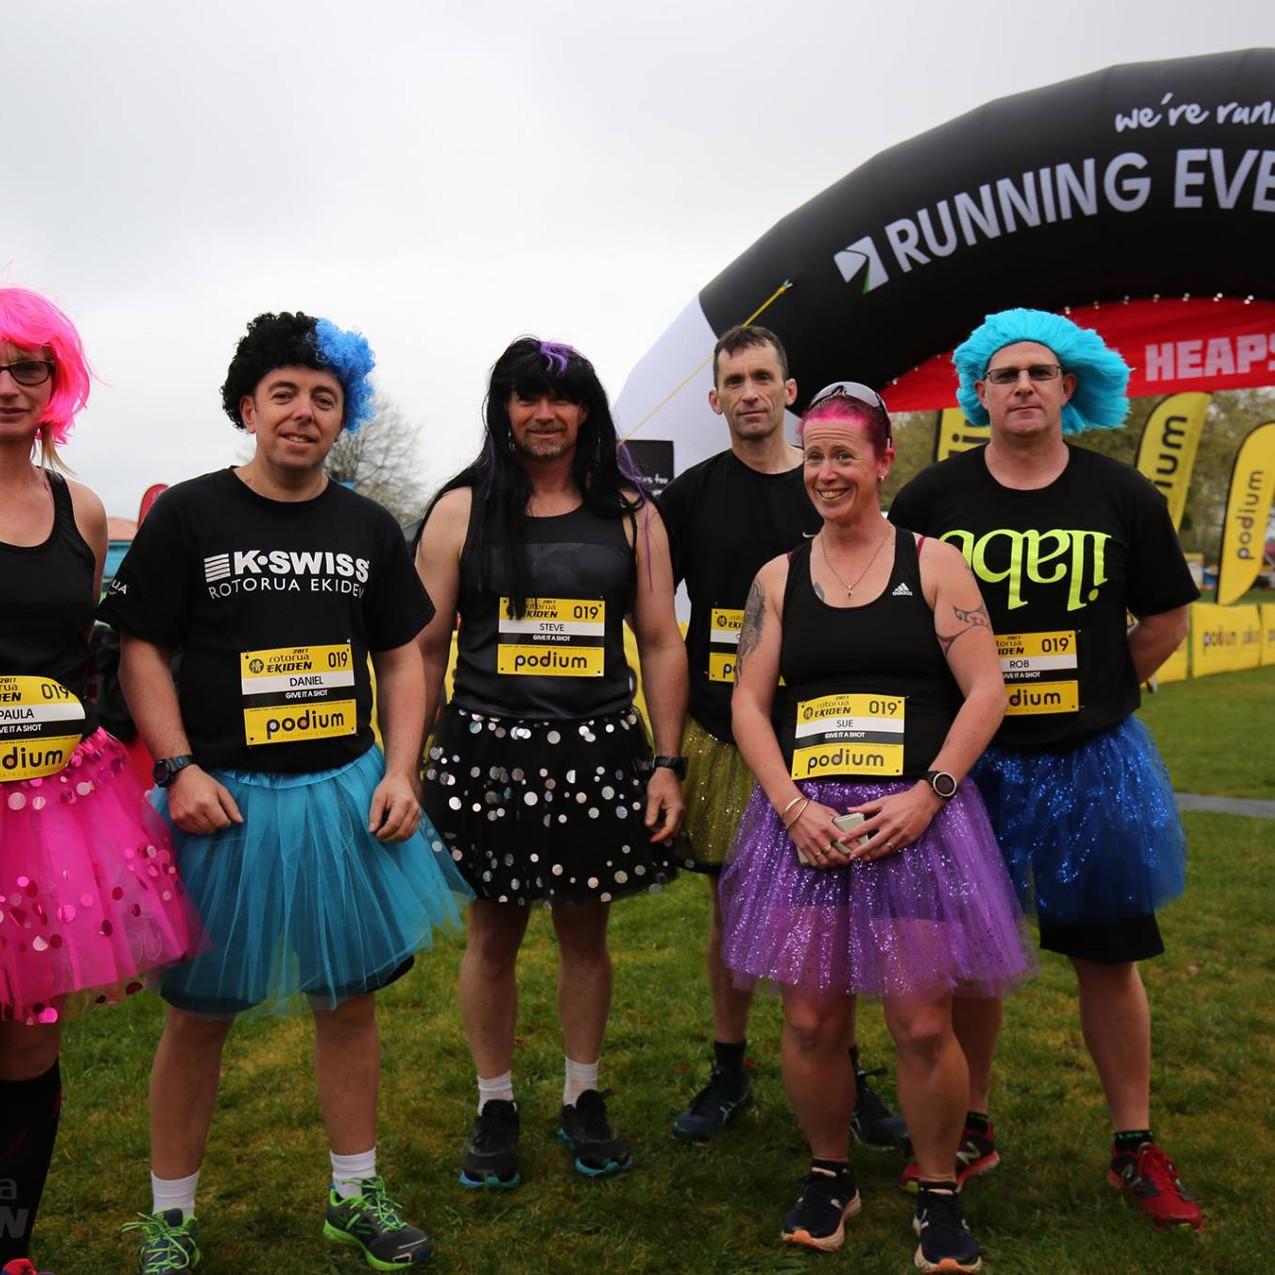 Fun Running in Fancy Dress